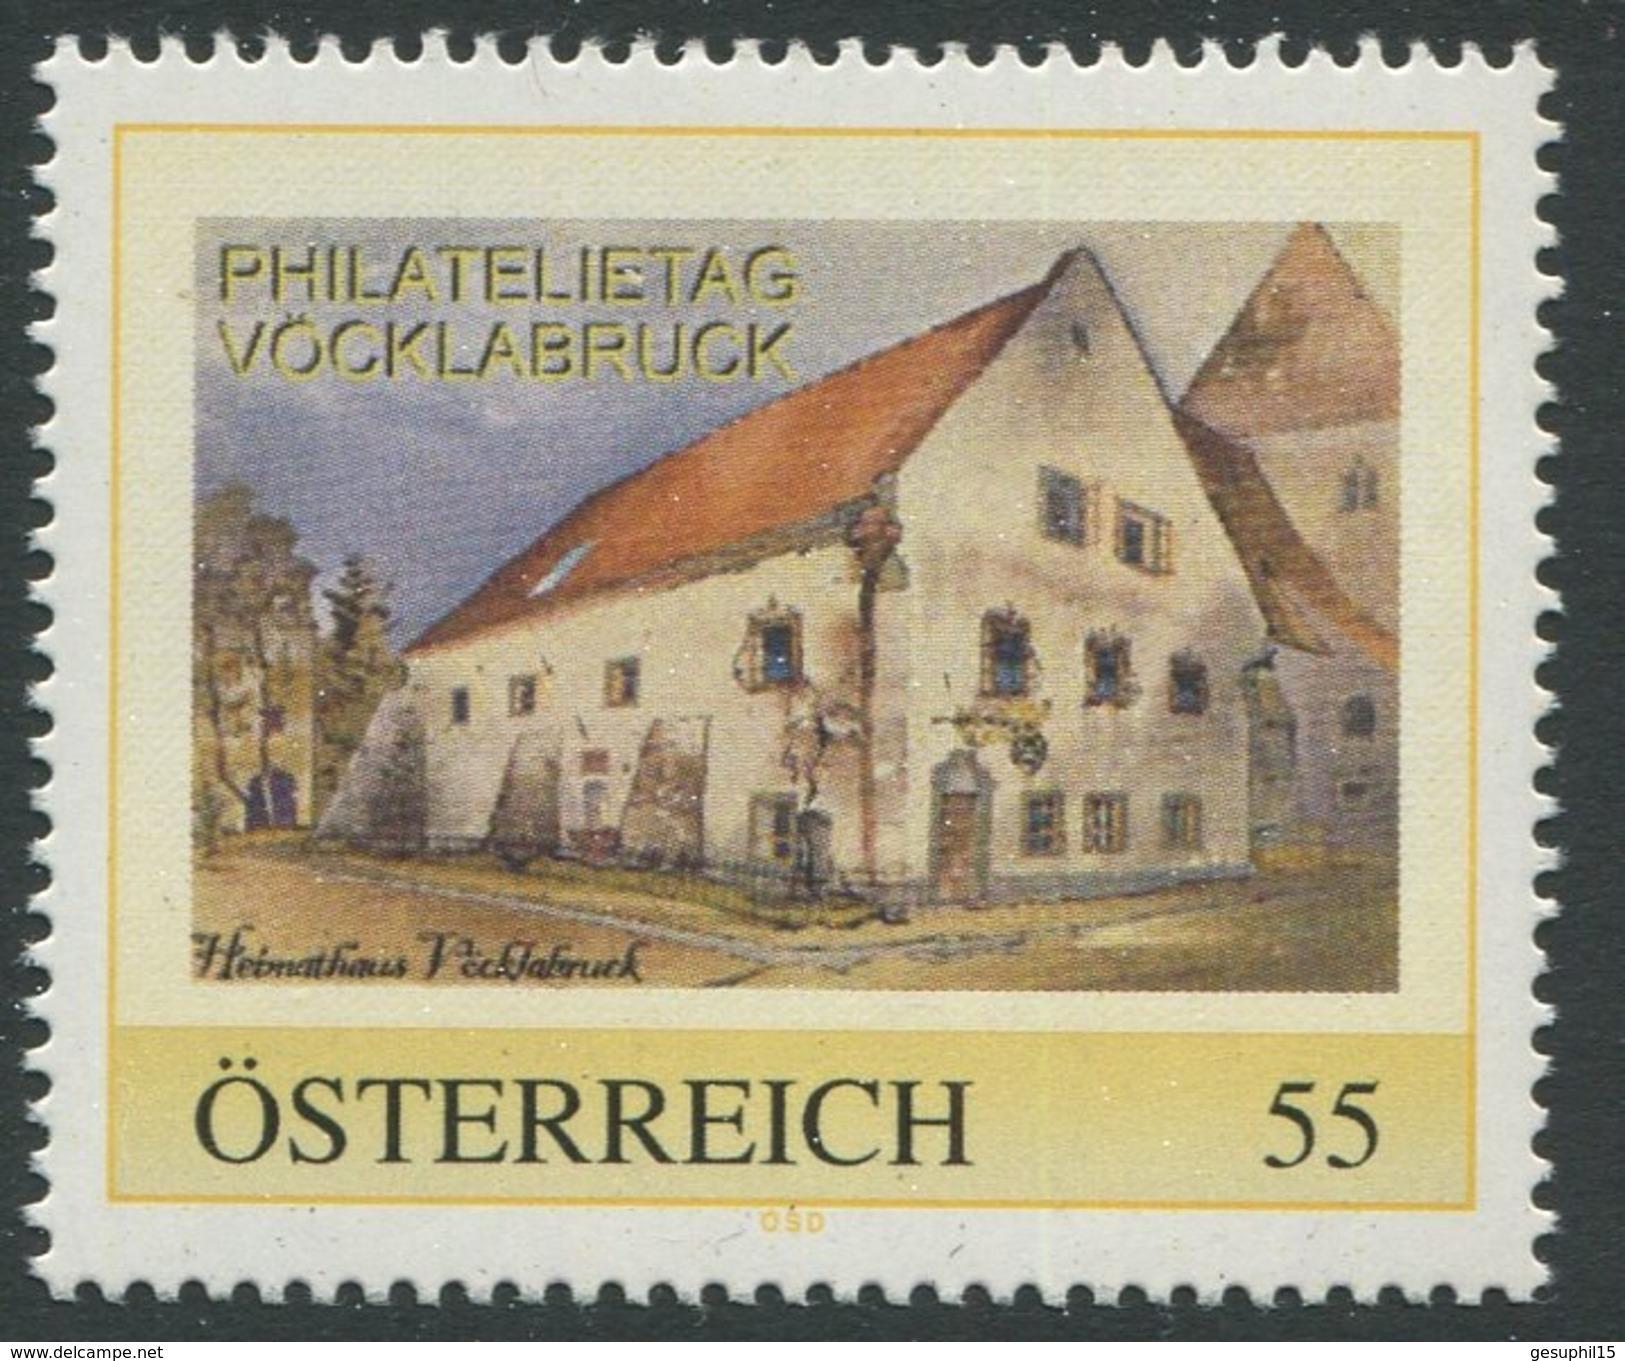 ÖSTERREICH / Philatelietag Vöcklabruck / Postfrisch / ** / MNH - Personalisierte Briefmarken